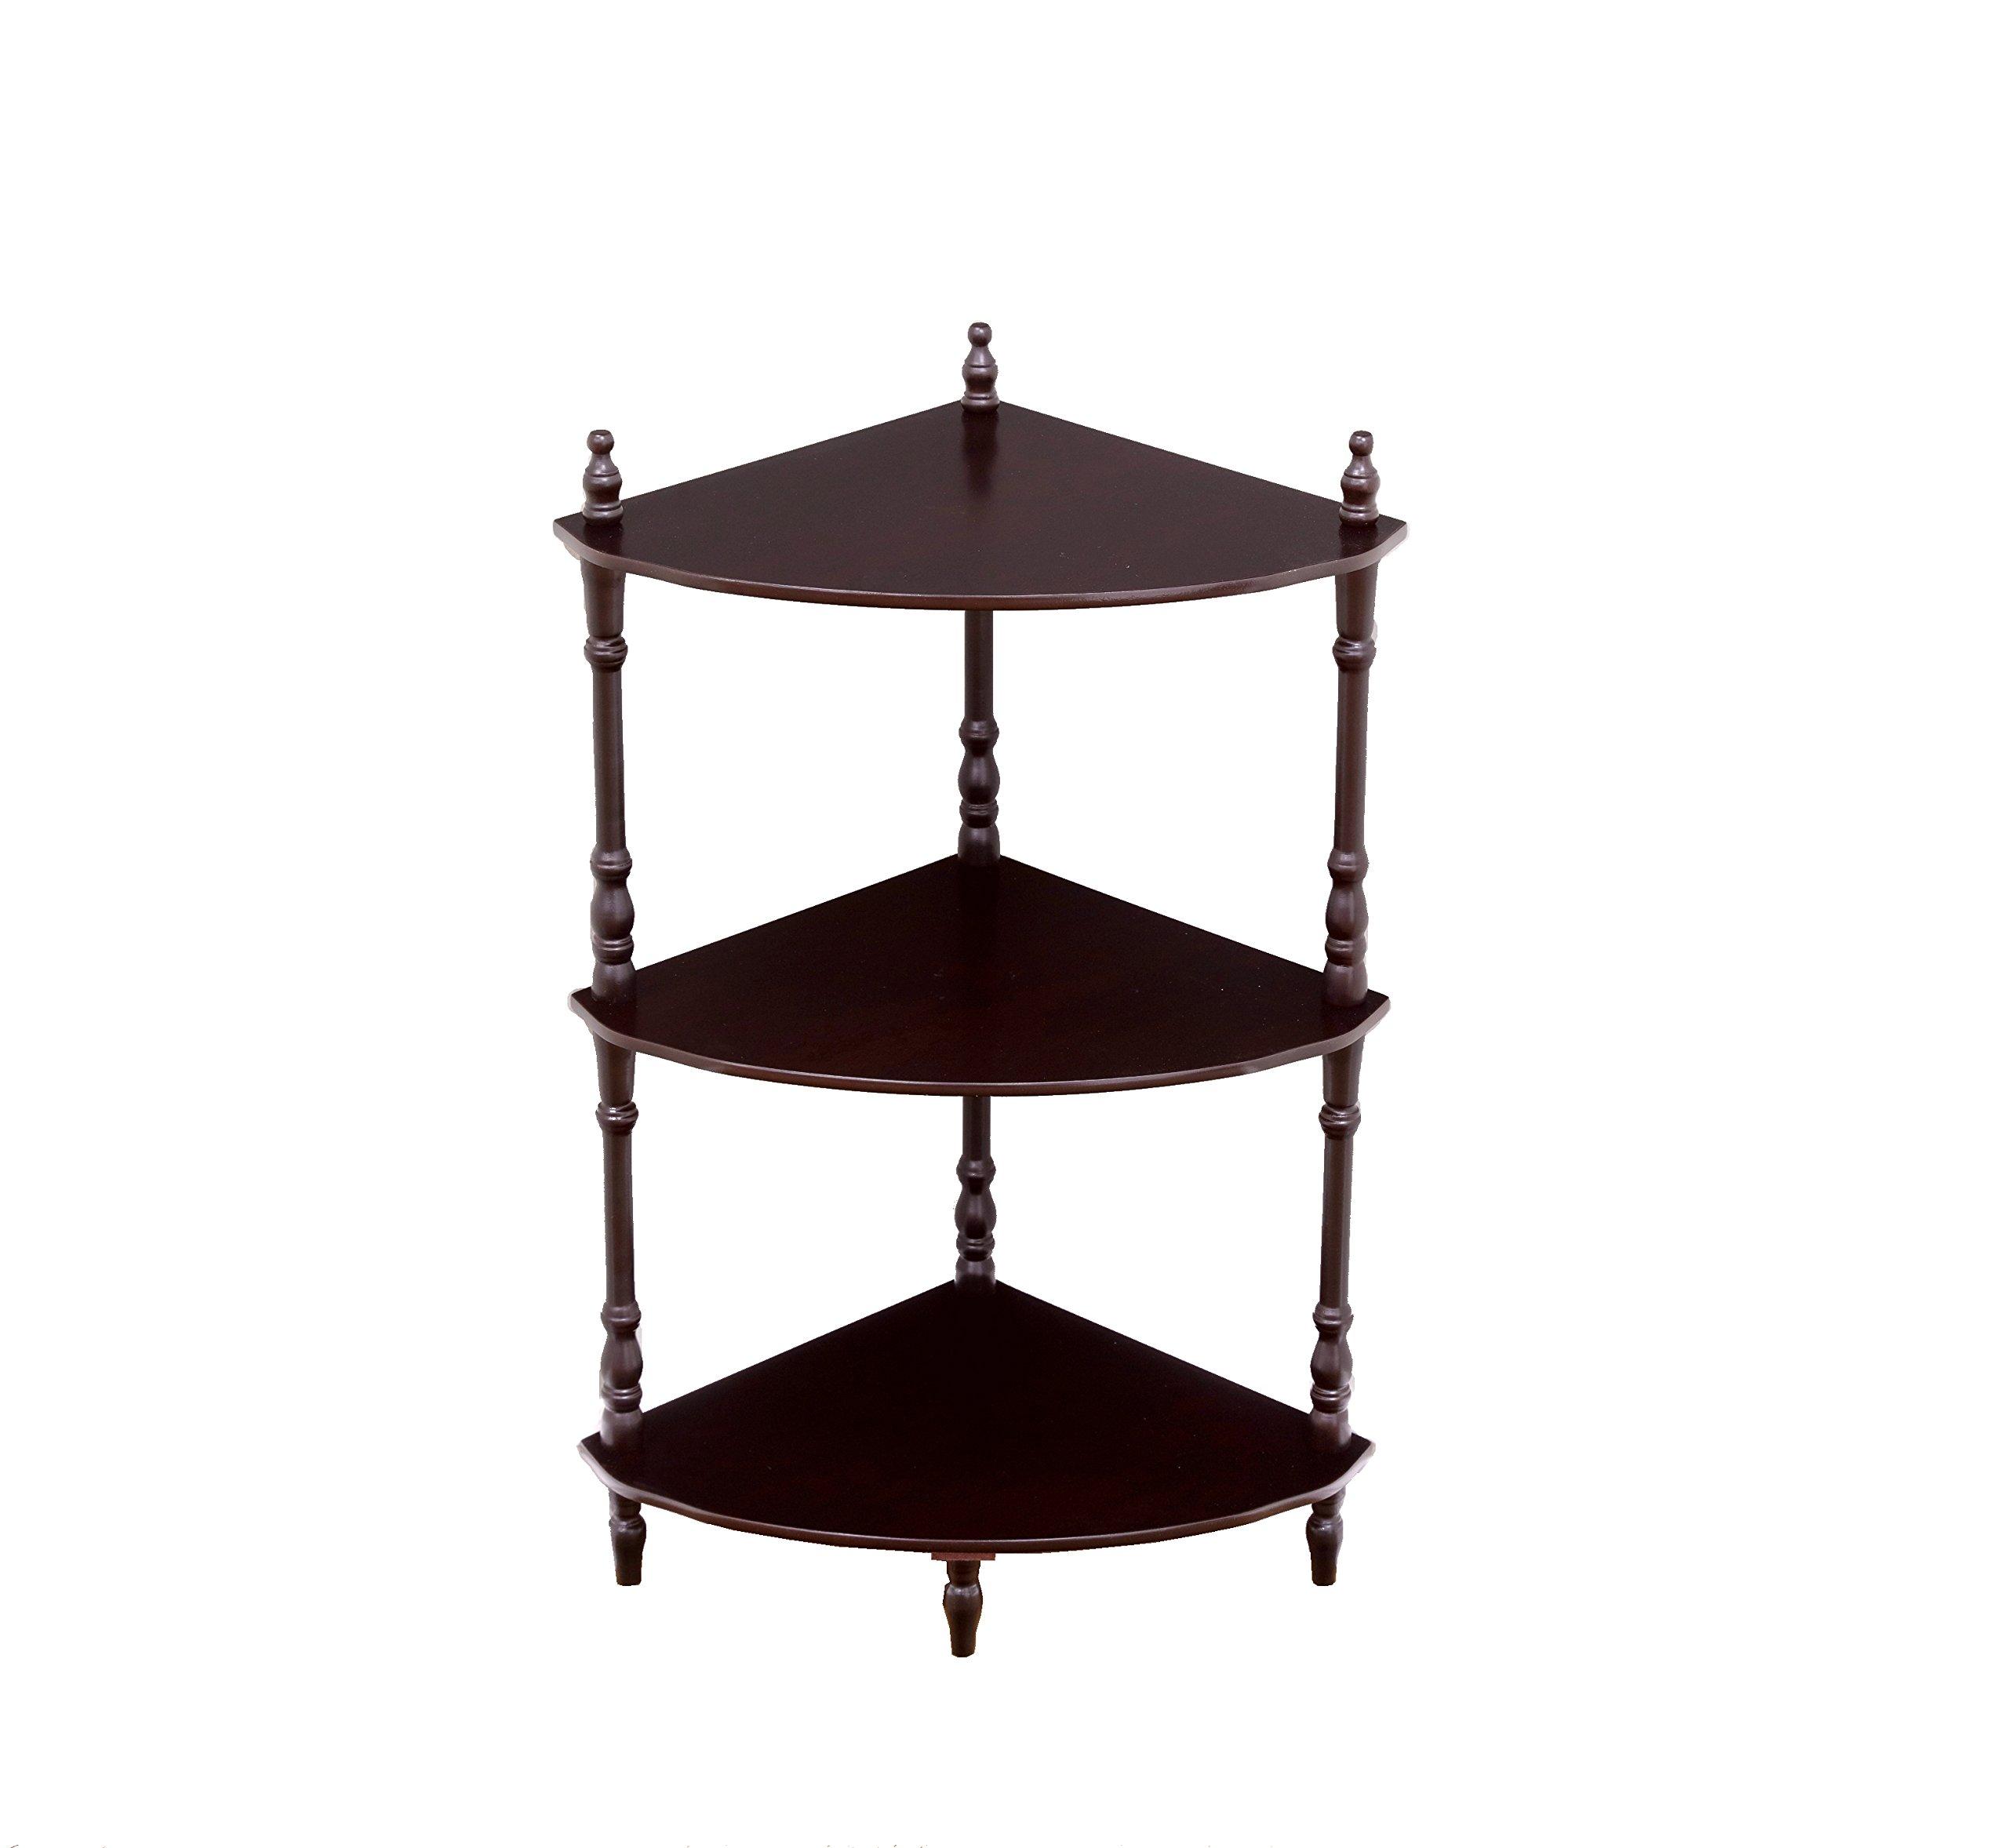 Frenchi Home Furnishing 3-Tier Corner Stand, Cherry